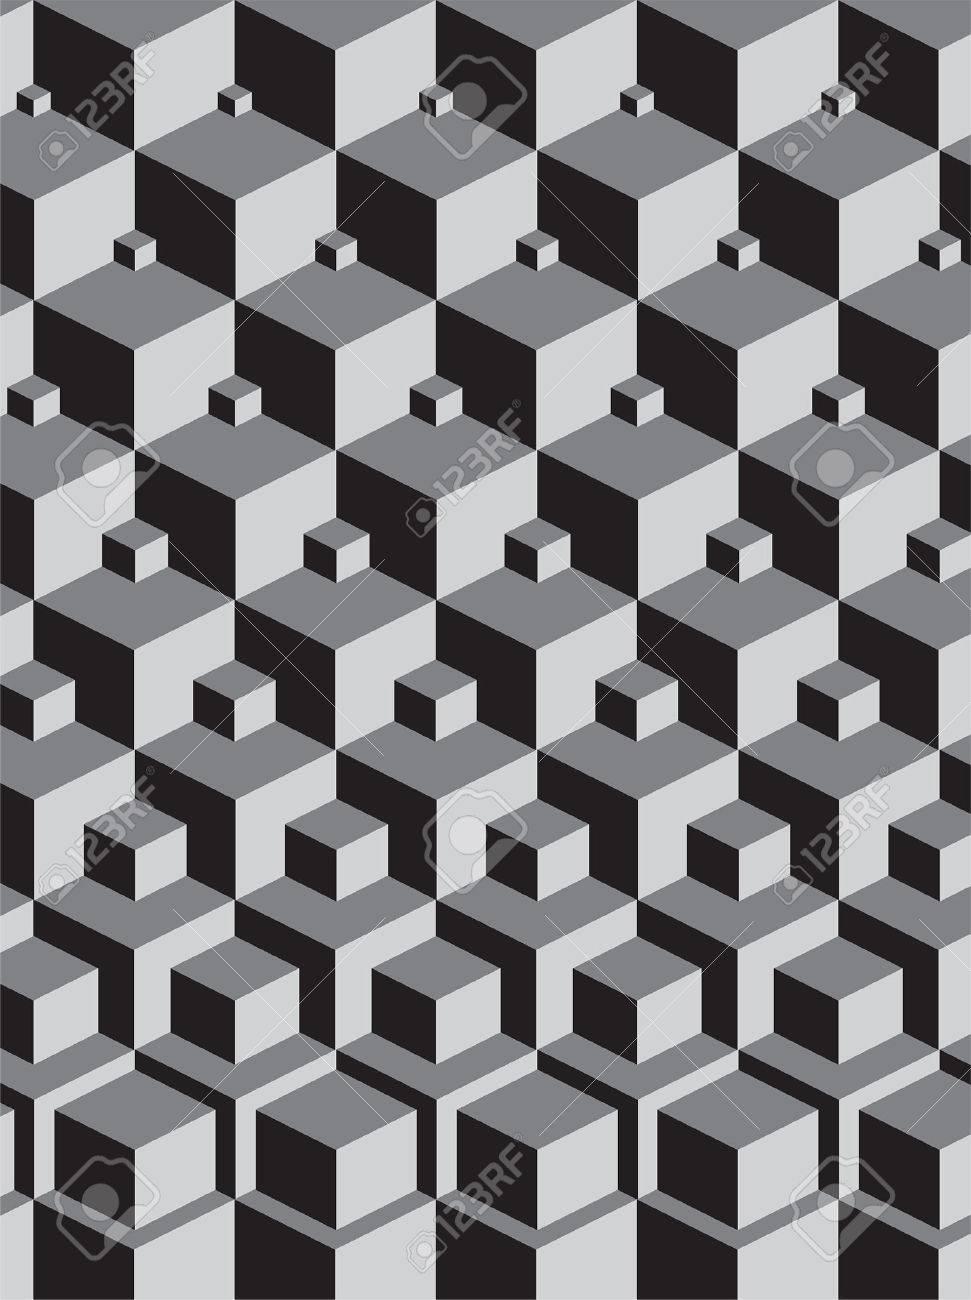 エッシャー スタッキング キューブ アートに触発のイラスト素材 ベクタ Image